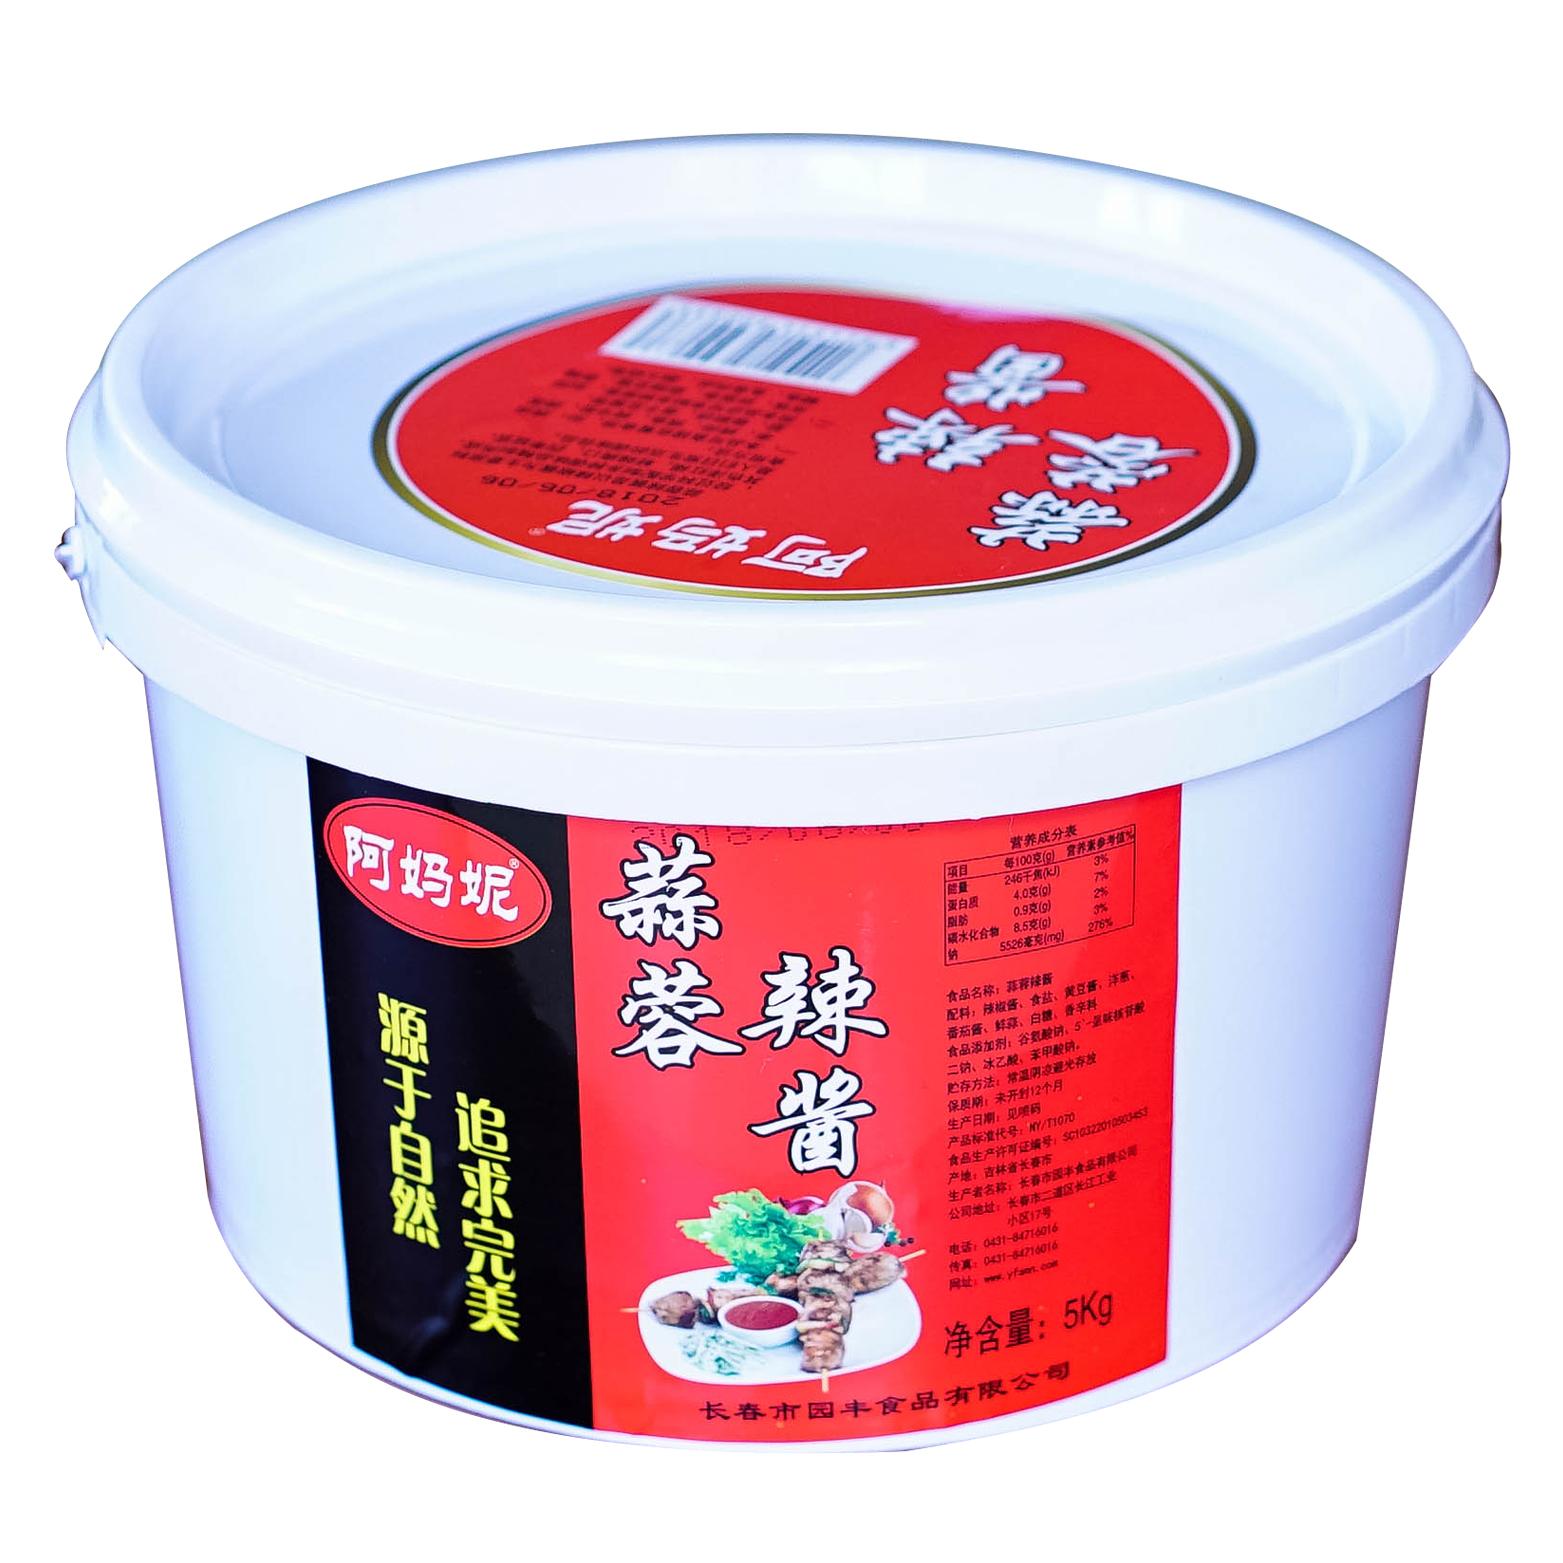 蒜蓉辣酱5kg